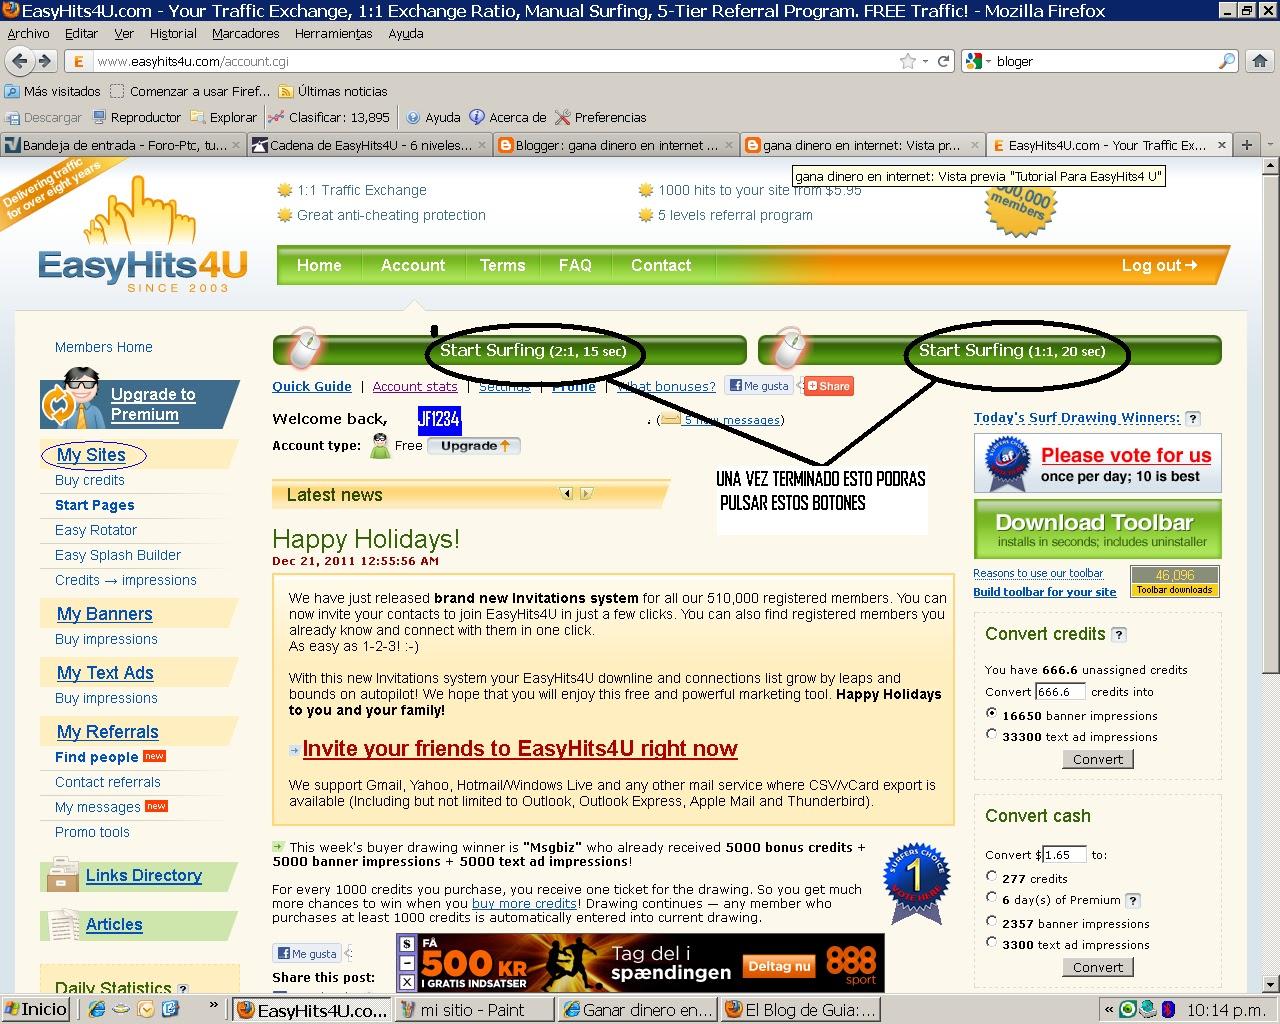 tutorial easyhits4u. publicidad gratis Mi+sitio++2